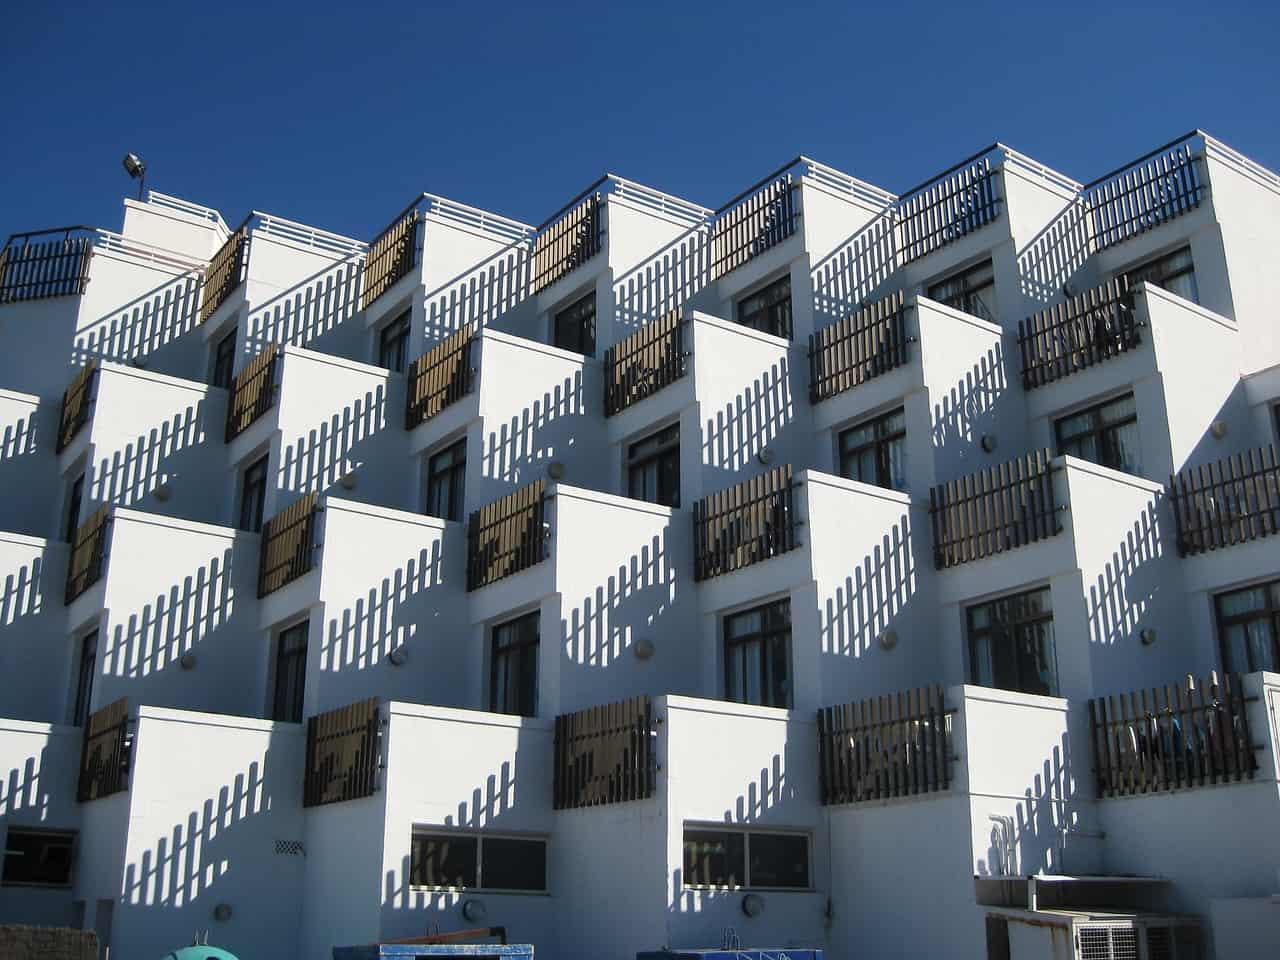 מלון כשר בקפריסין – חופשה מושלמת למגזר הדתי